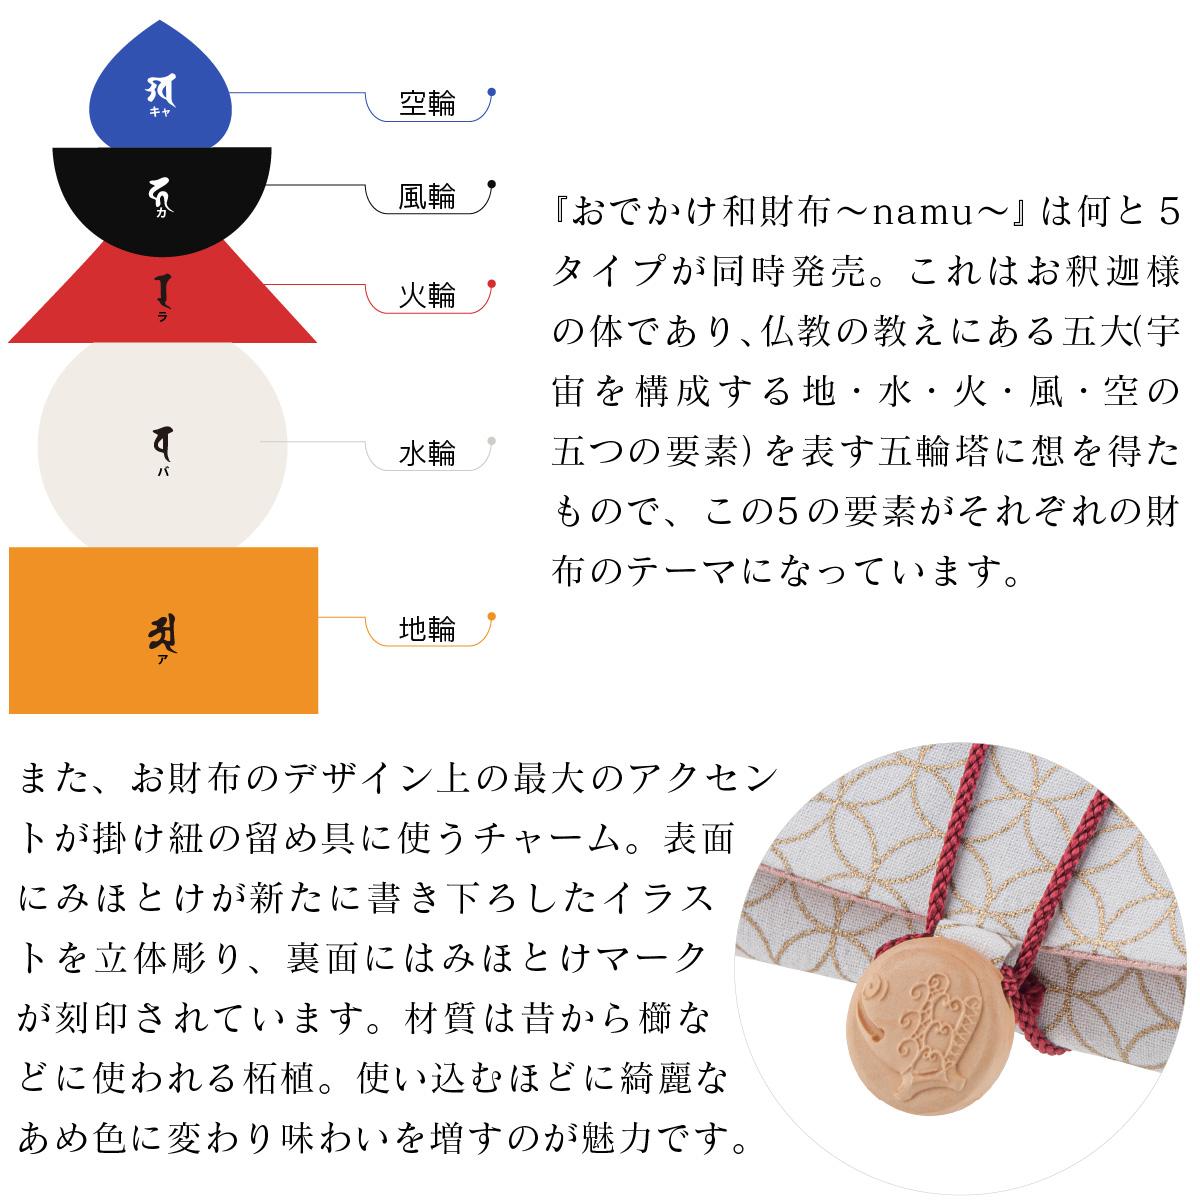 みほとけプロデュース おでかけ和財布〜namu〜『木魚』 ≫厄災を取り除く功徳を表す財布